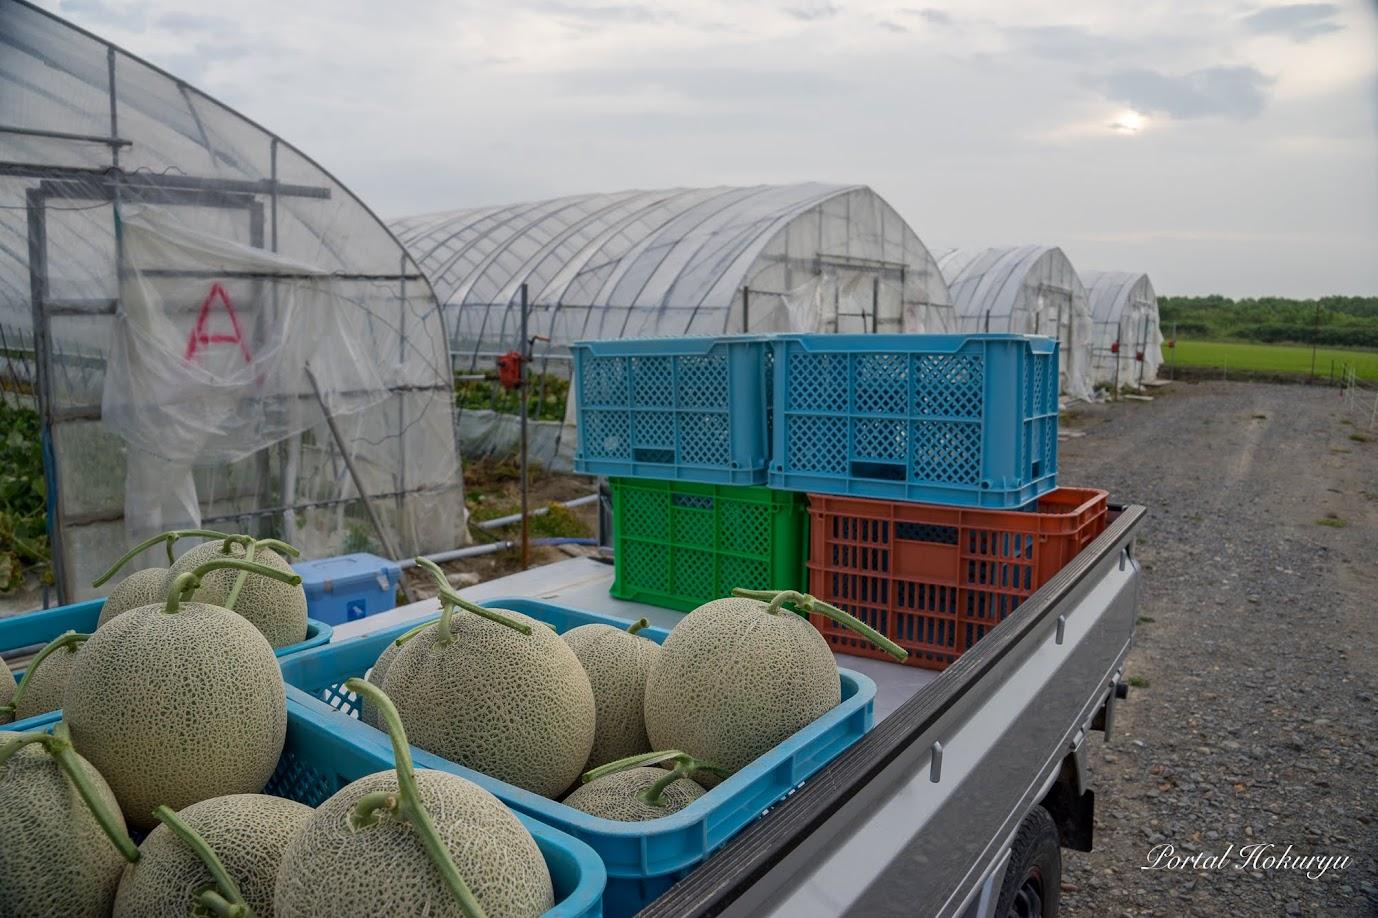 早朝のメロン収穫(7月26日(金)05:24)